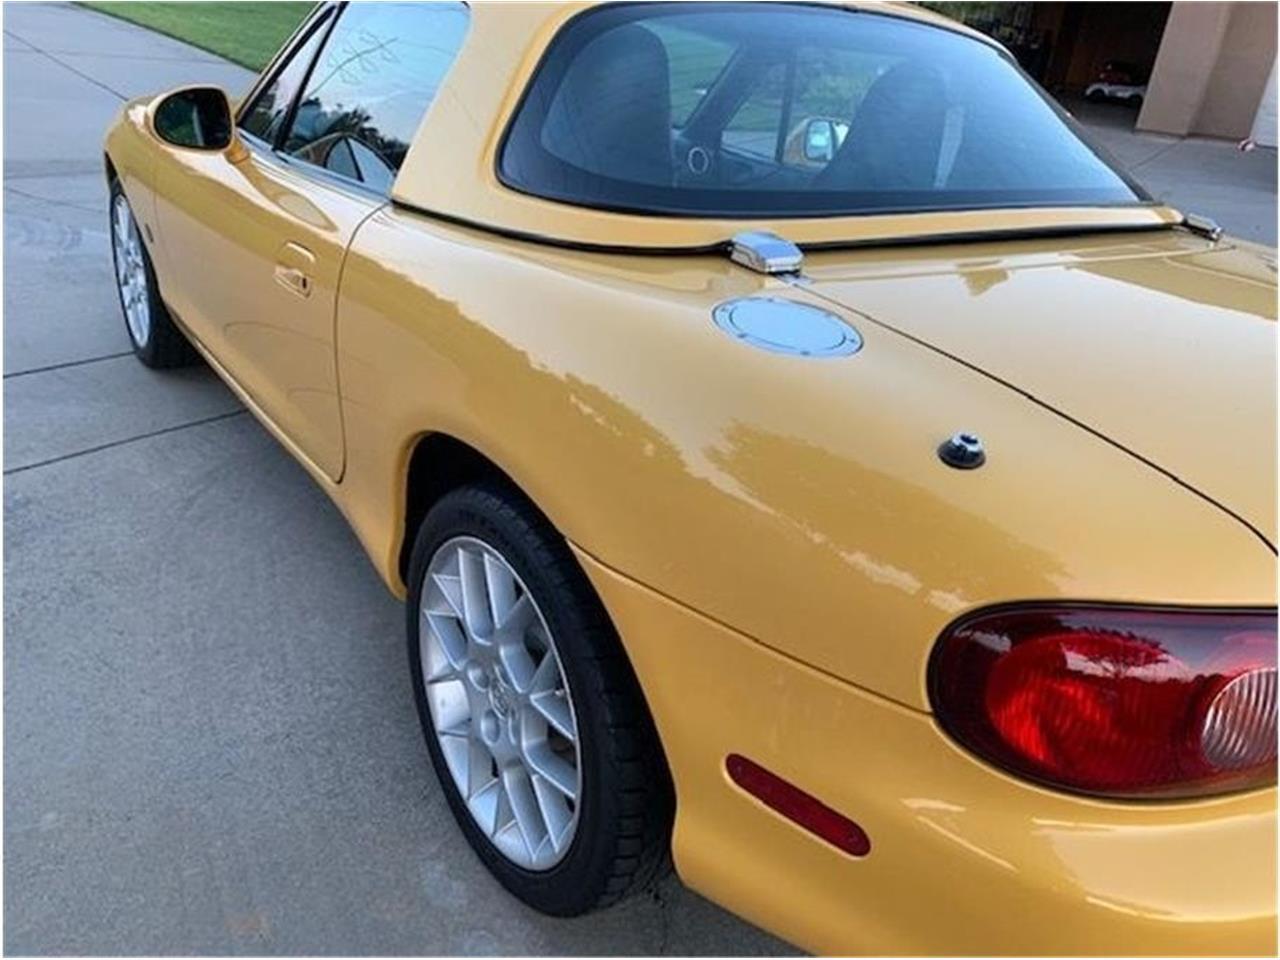 2002 Mazda Miata (CC-1360209) for sale in Roseville, California